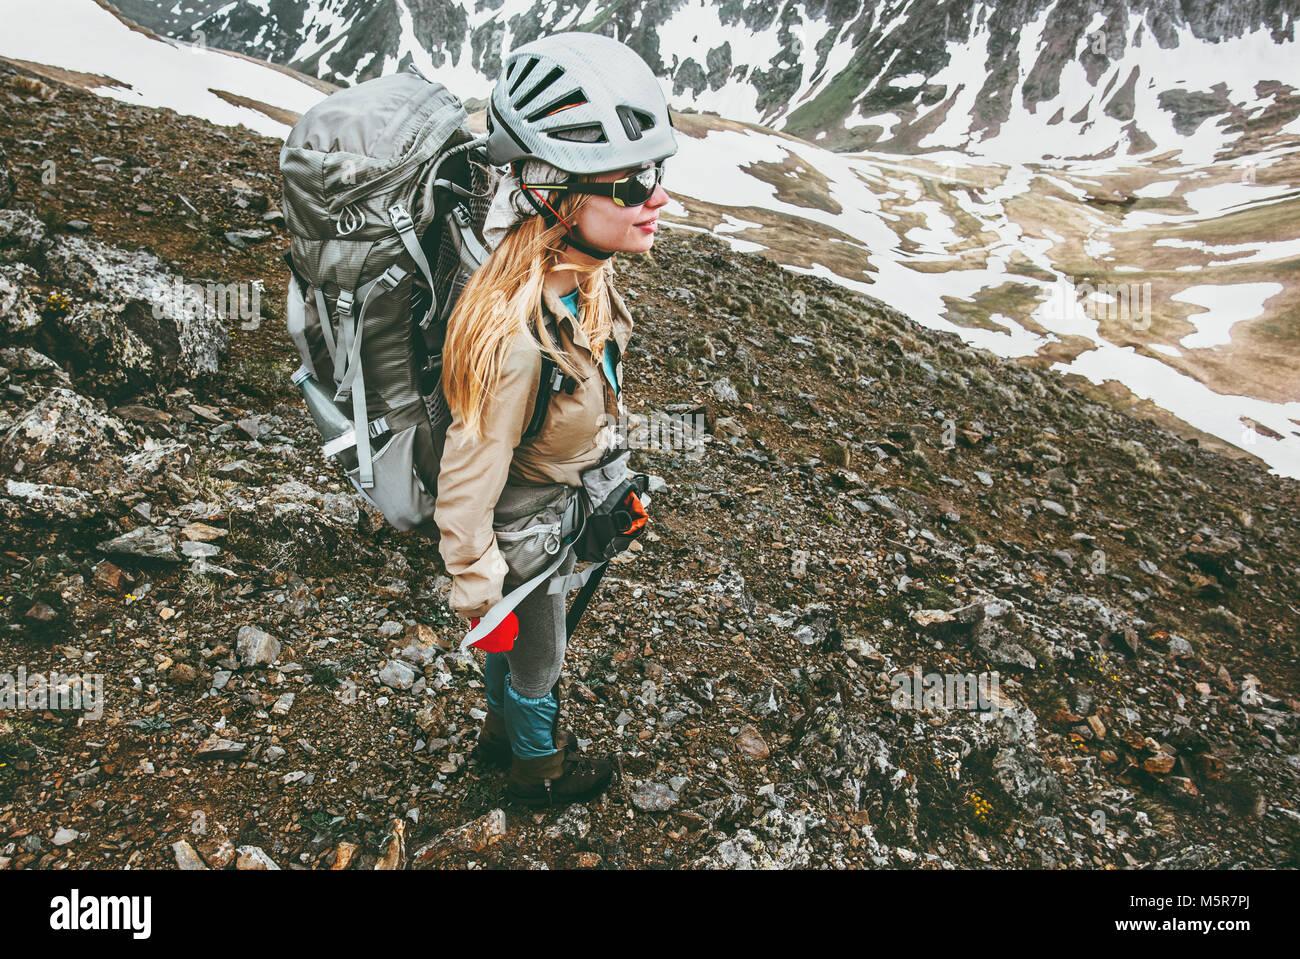 Giovane donna con zaino di arrampicata in montagna corsa uno stile di vita sano adventure concept active estate Immagini Stock